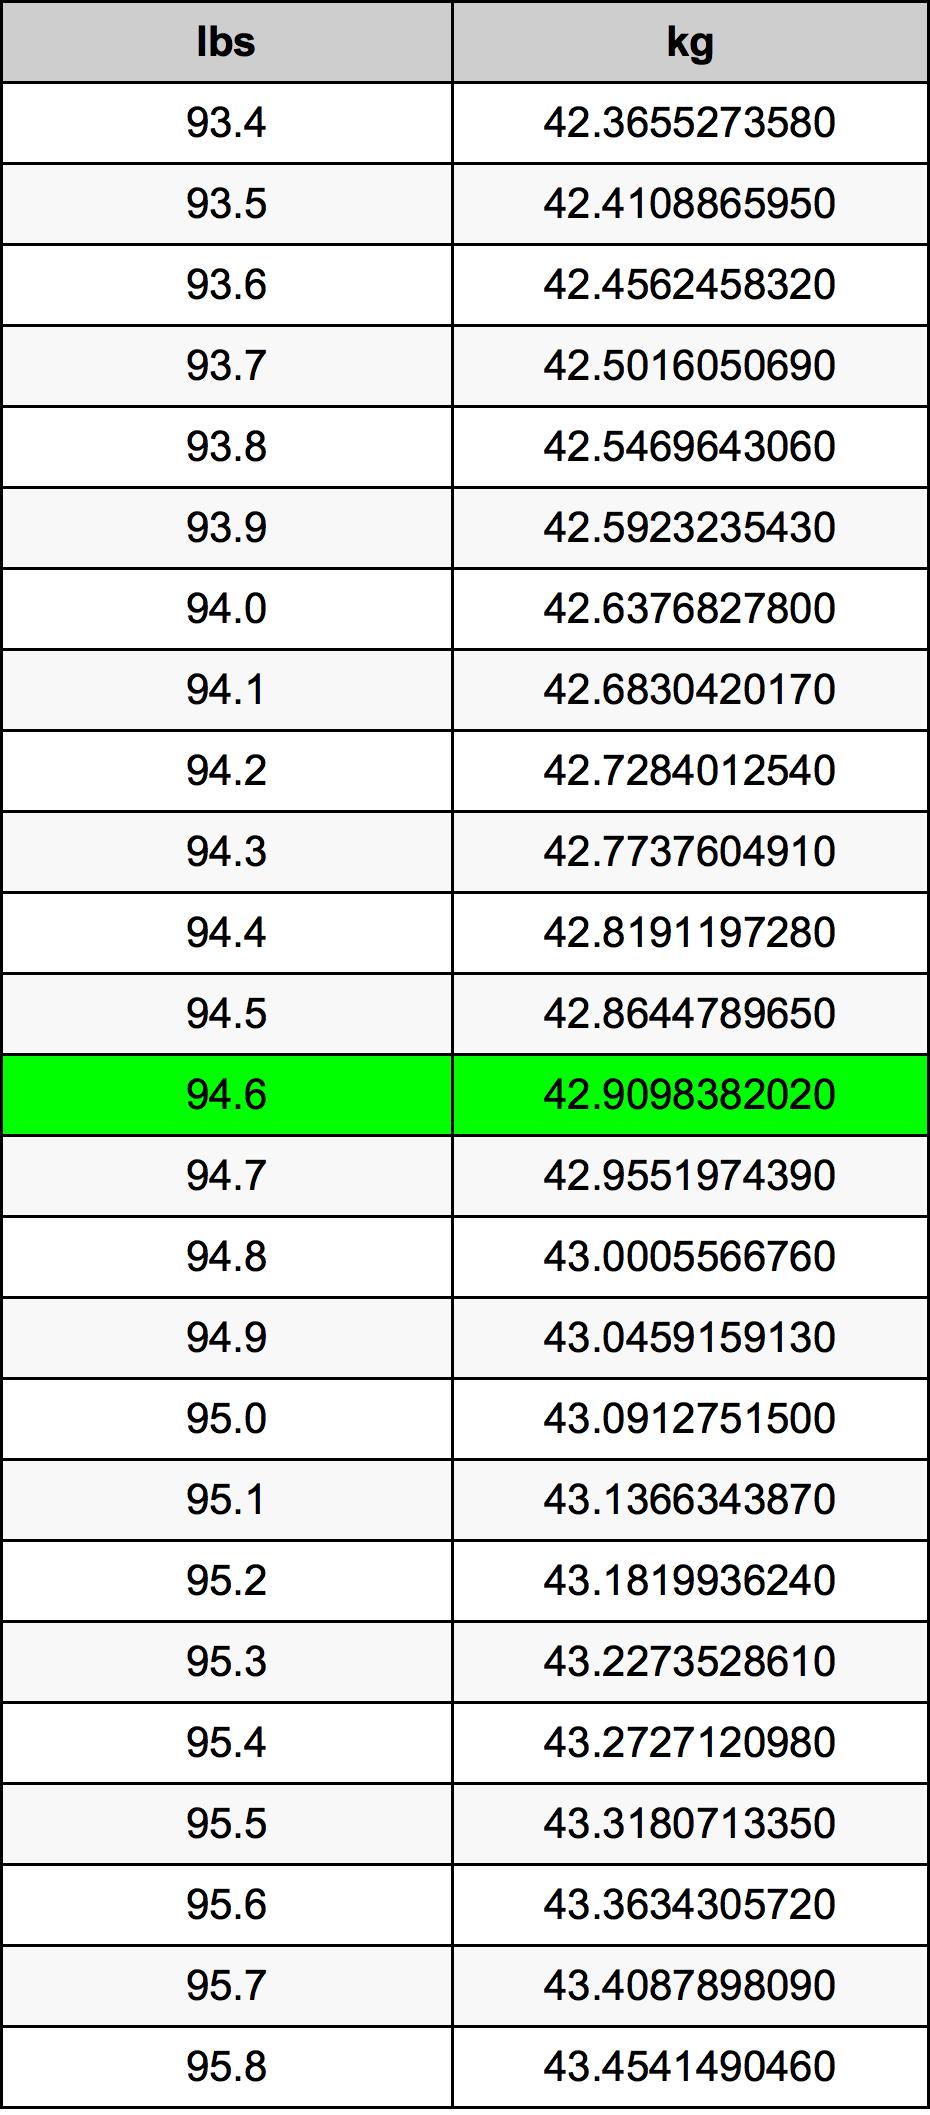 94.6 livră tabelul de conversie